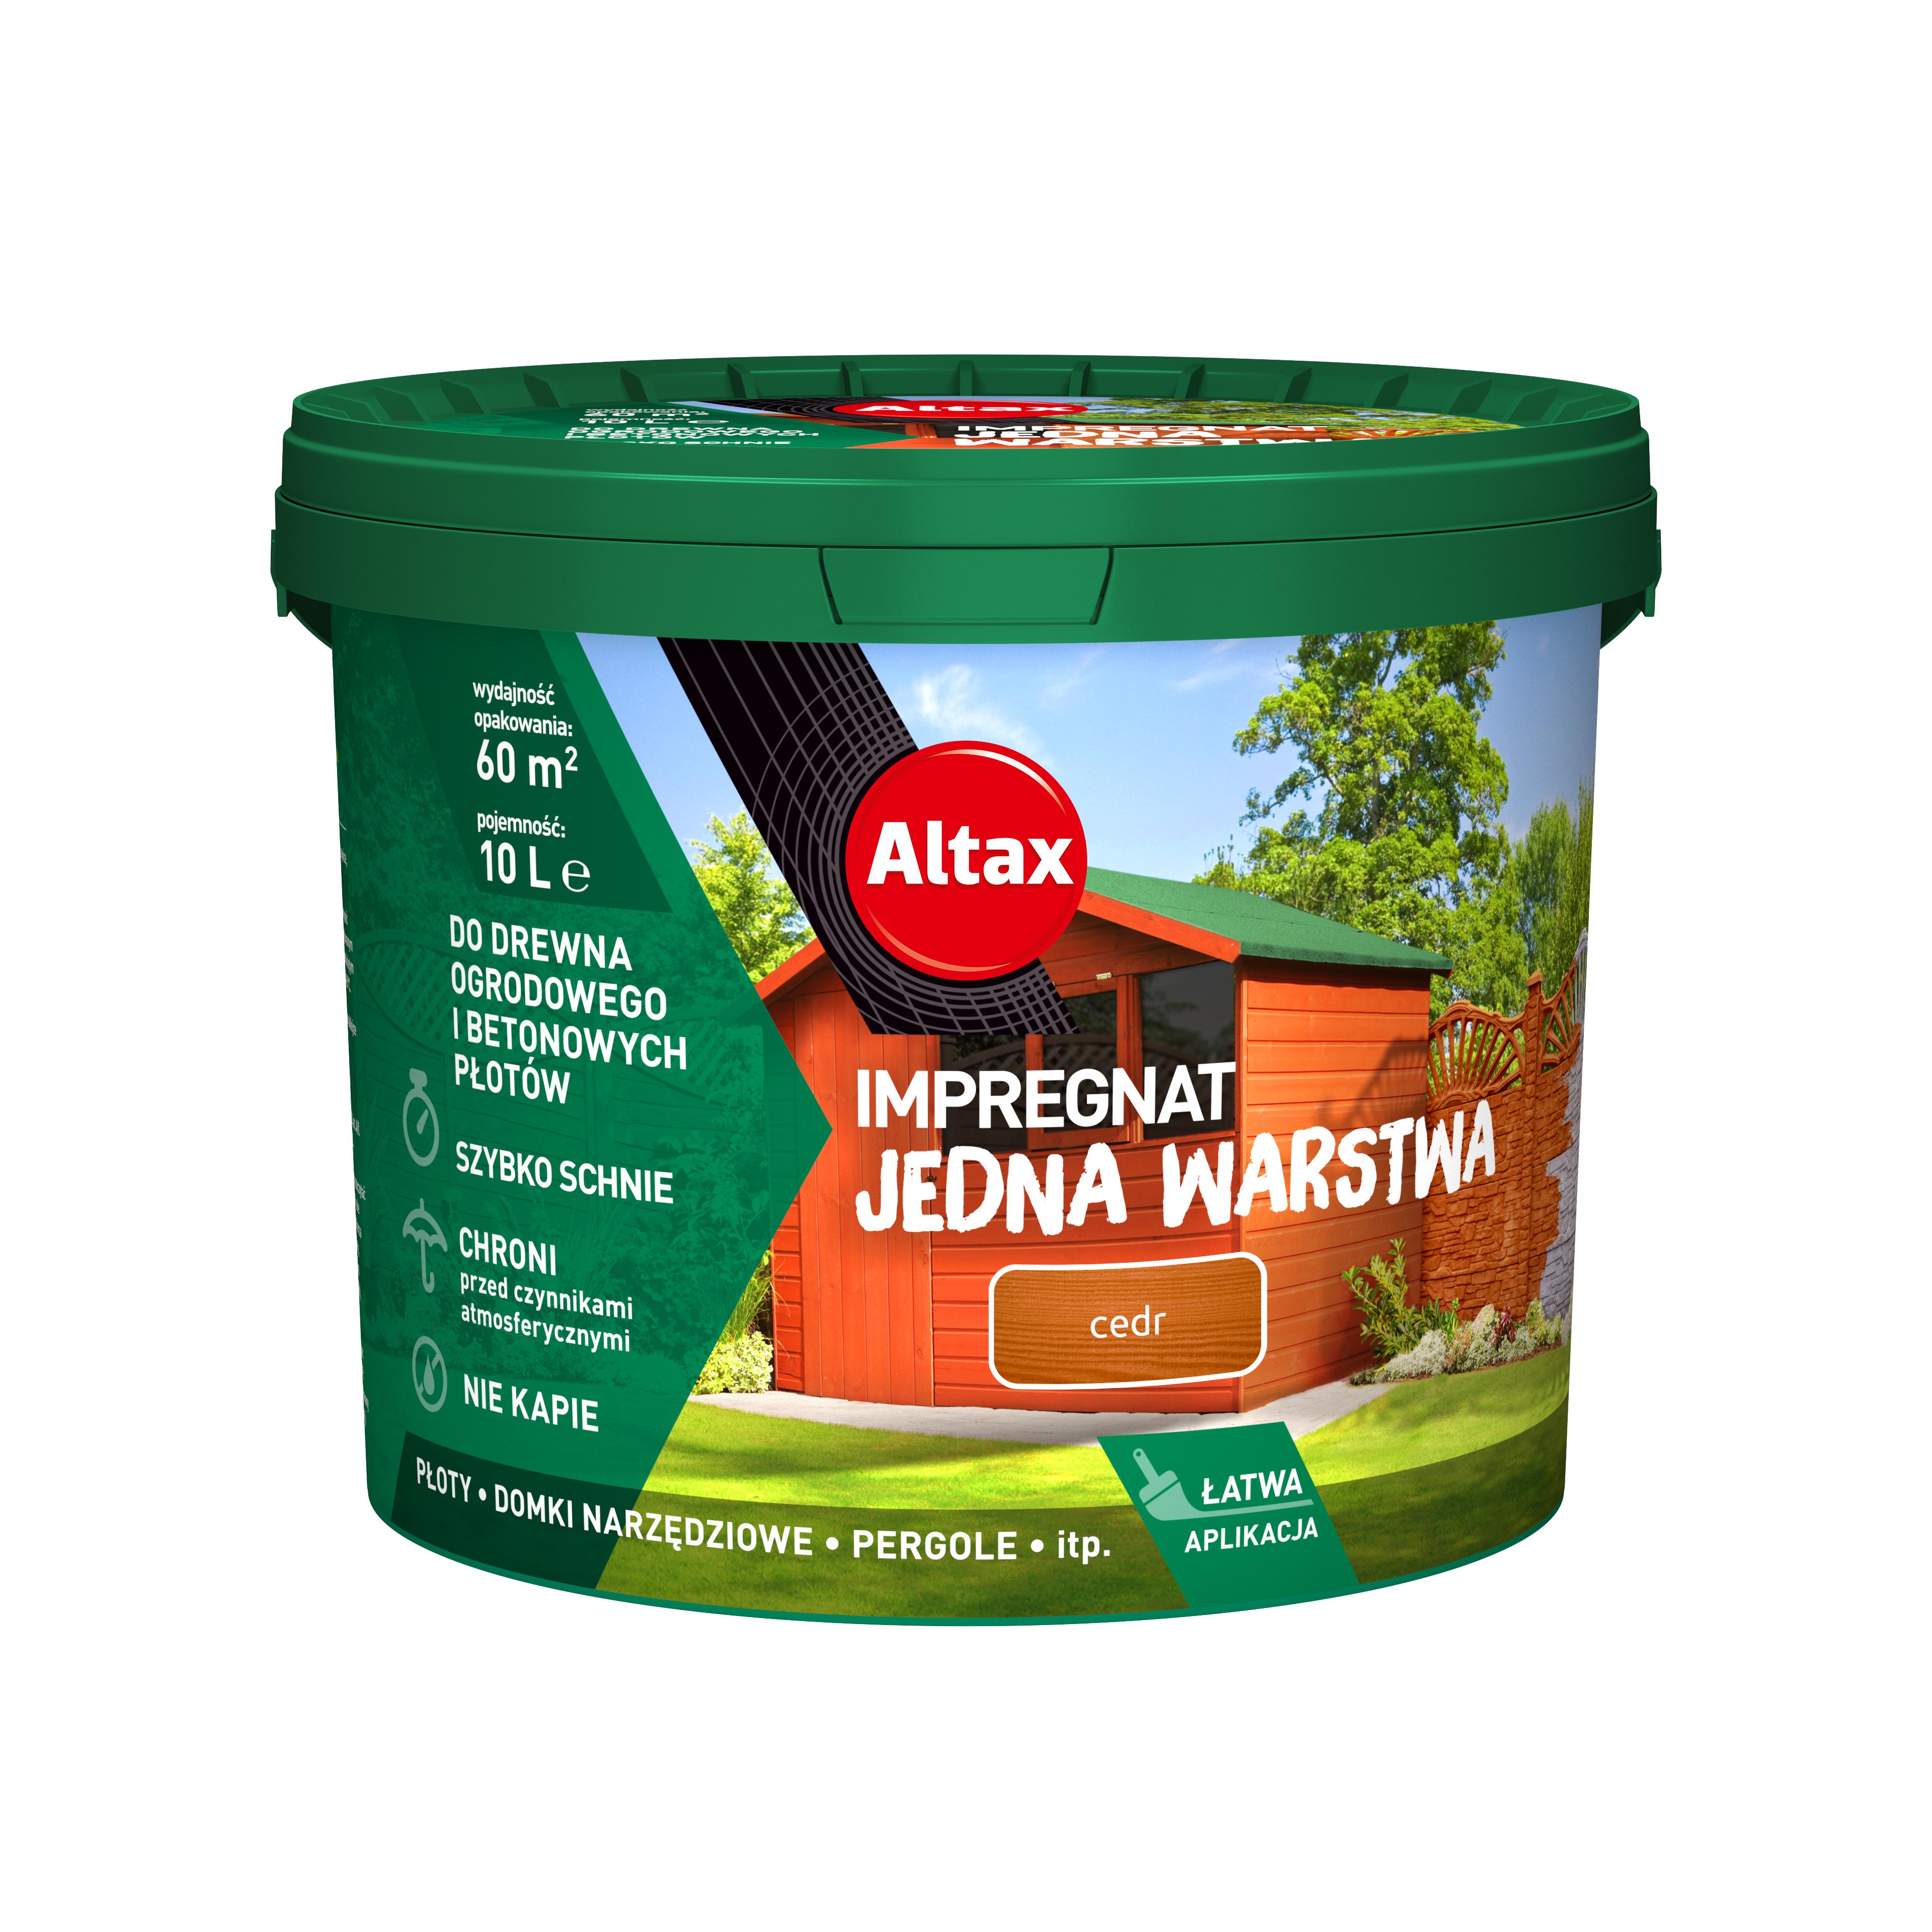 Altax Impregnat Do Drewna Ogrodowego Jedna Warstwa 10L Cedr